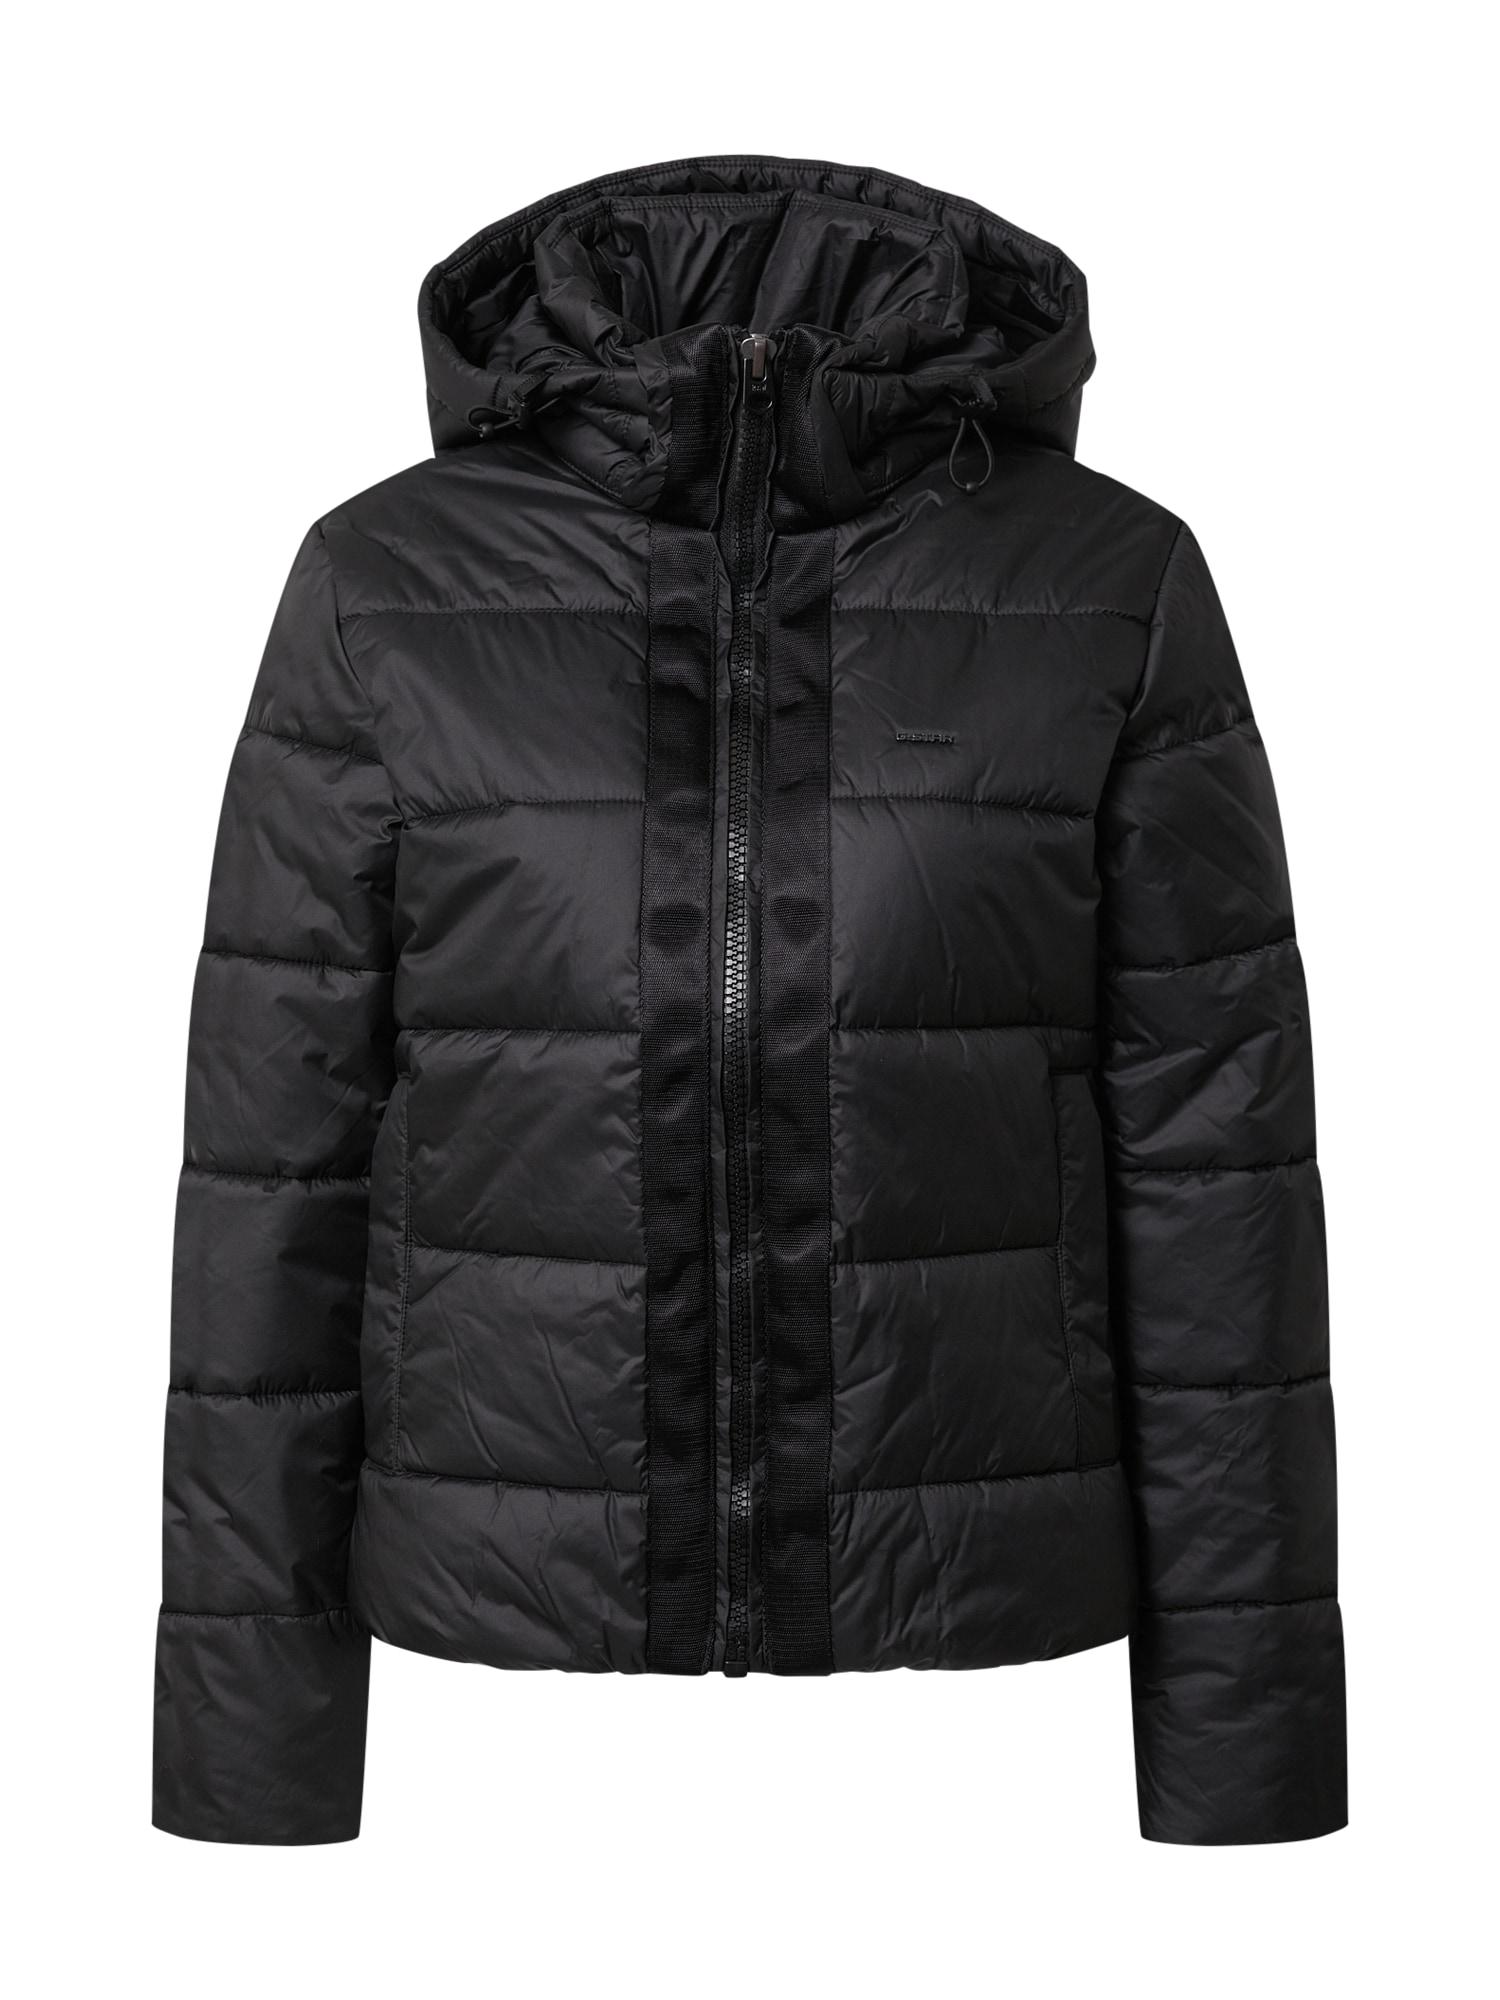 G-Star RAW Prechodná bunda 'Meefic'  čierna